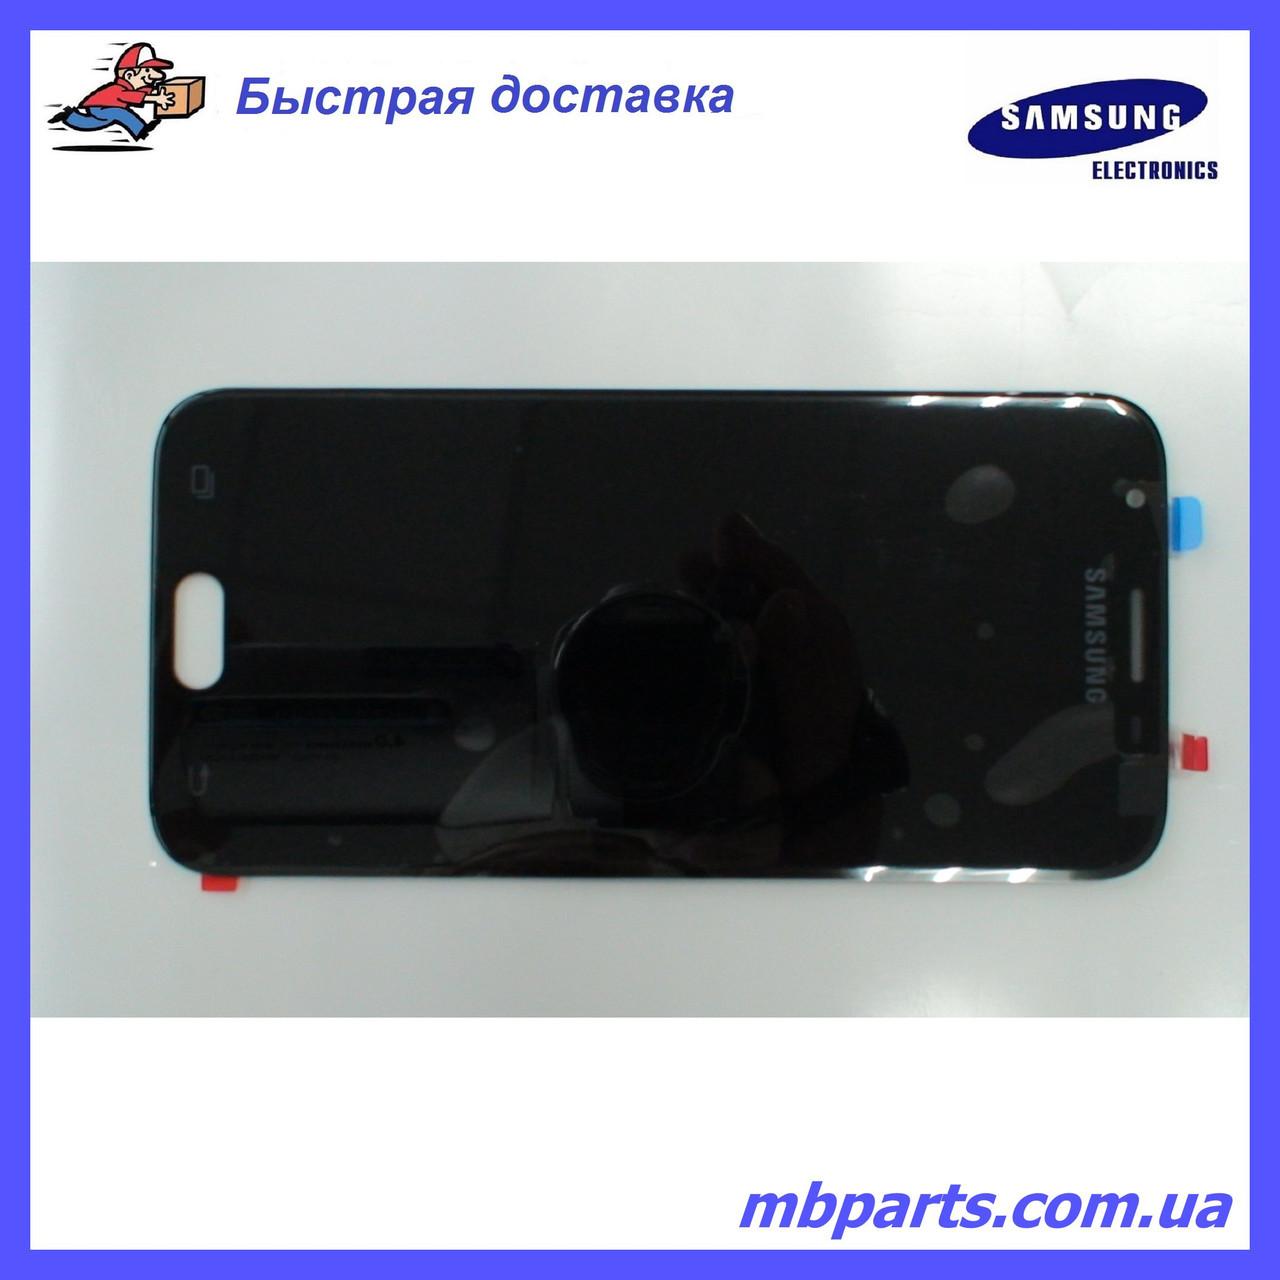 Дисплей з сенсором Samsung J330 Galaxy J3 Black, оригінал, GH96-10969A